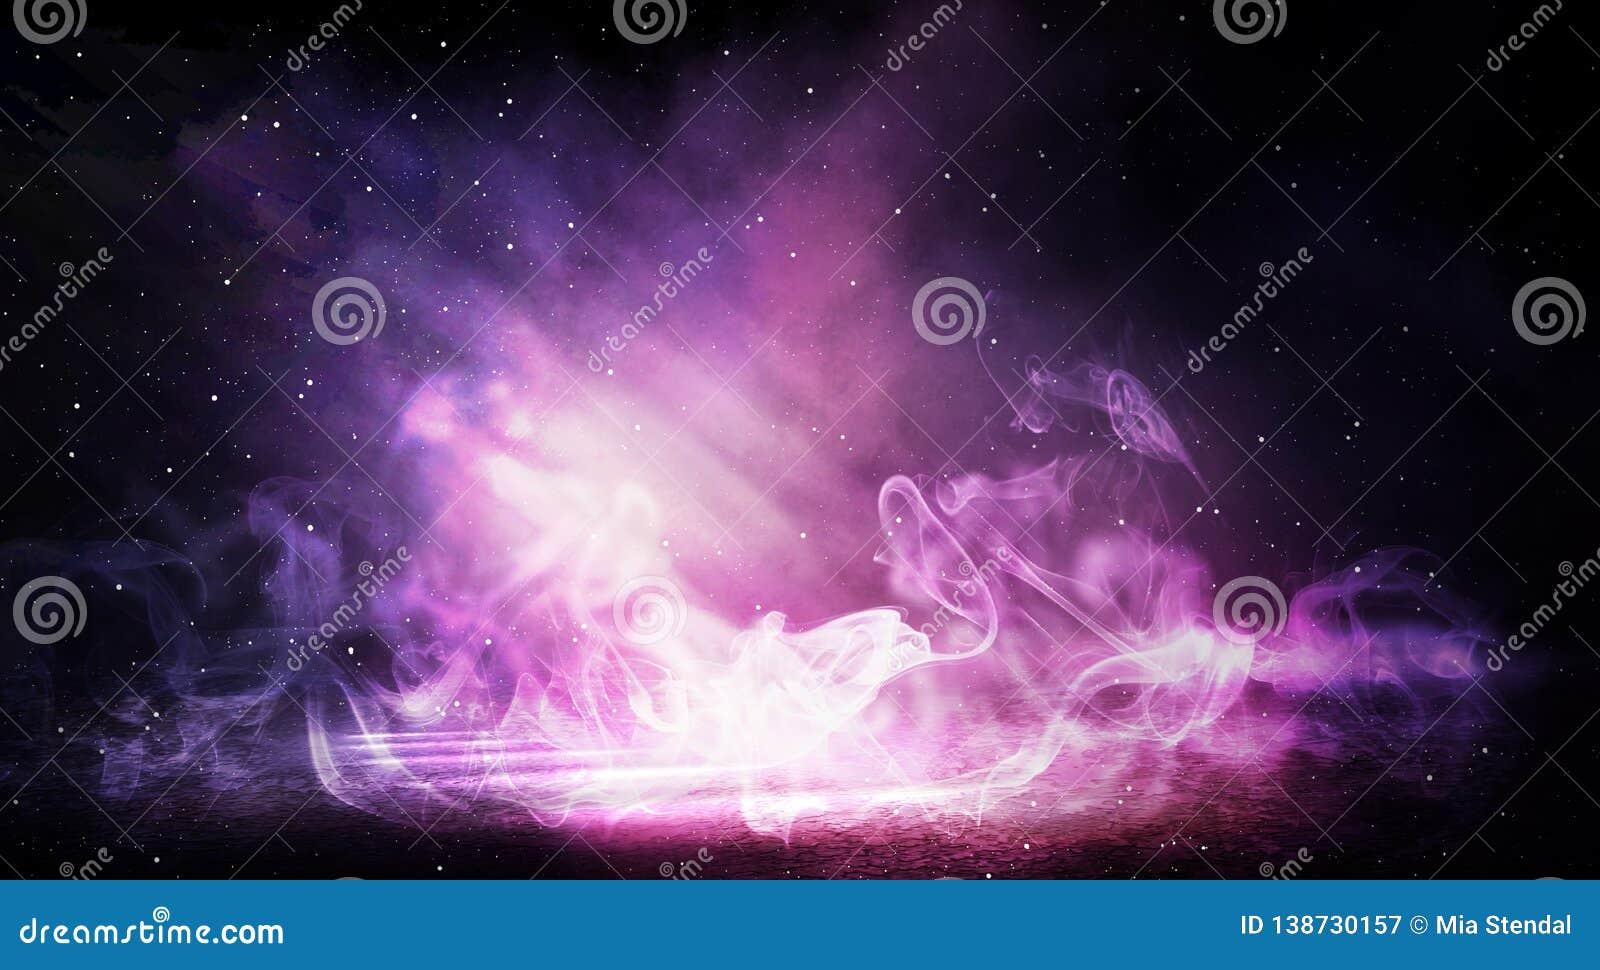 Bakgrund av ett tomt mörker-svart rum Tomma tegelstenväggar, ljus, rök, glöd, strålar